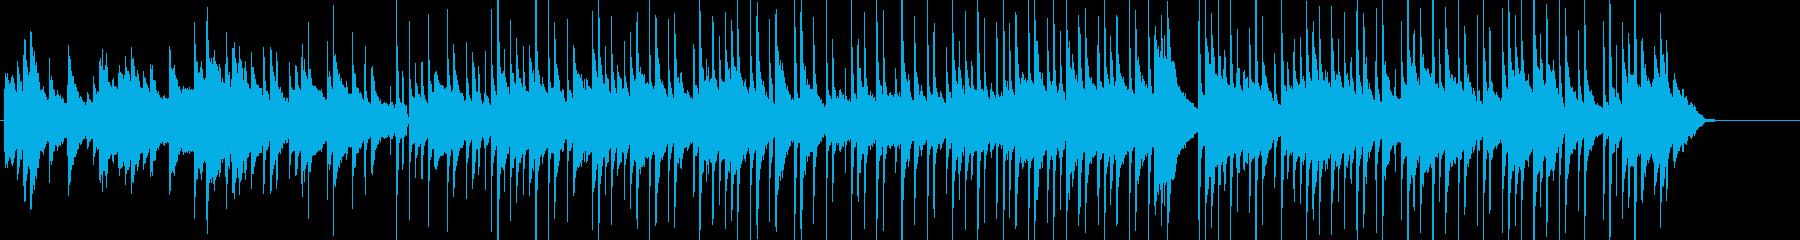 ピアノとアコギののんびりリラックスBGMの再生済みの波形